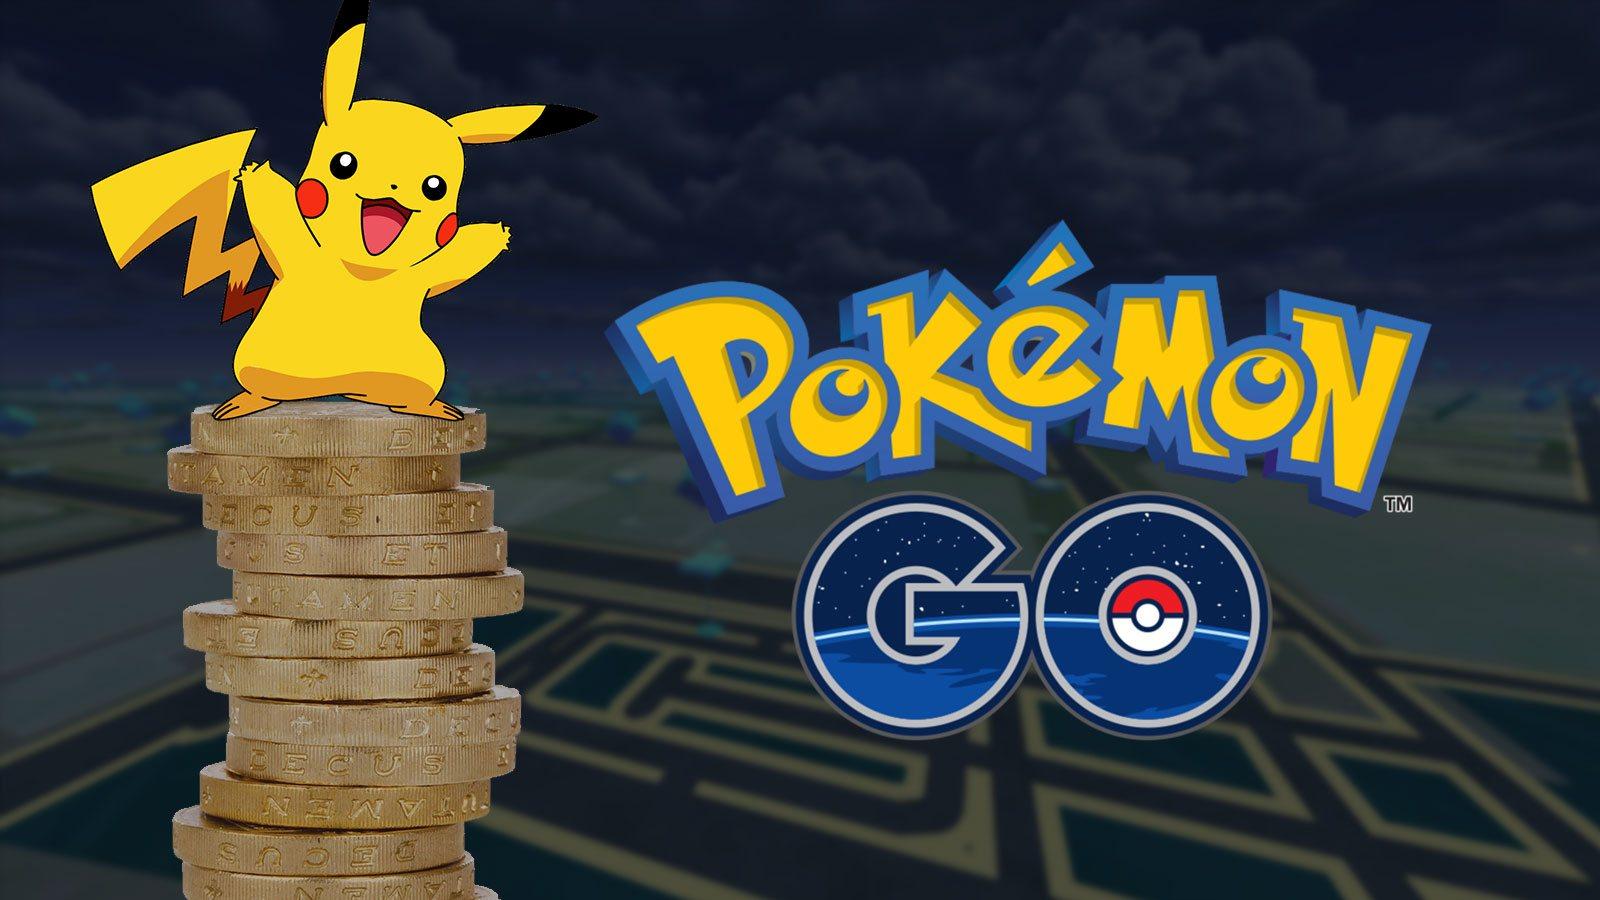 Un système d'abonnement dataminé sur Pokémon GO